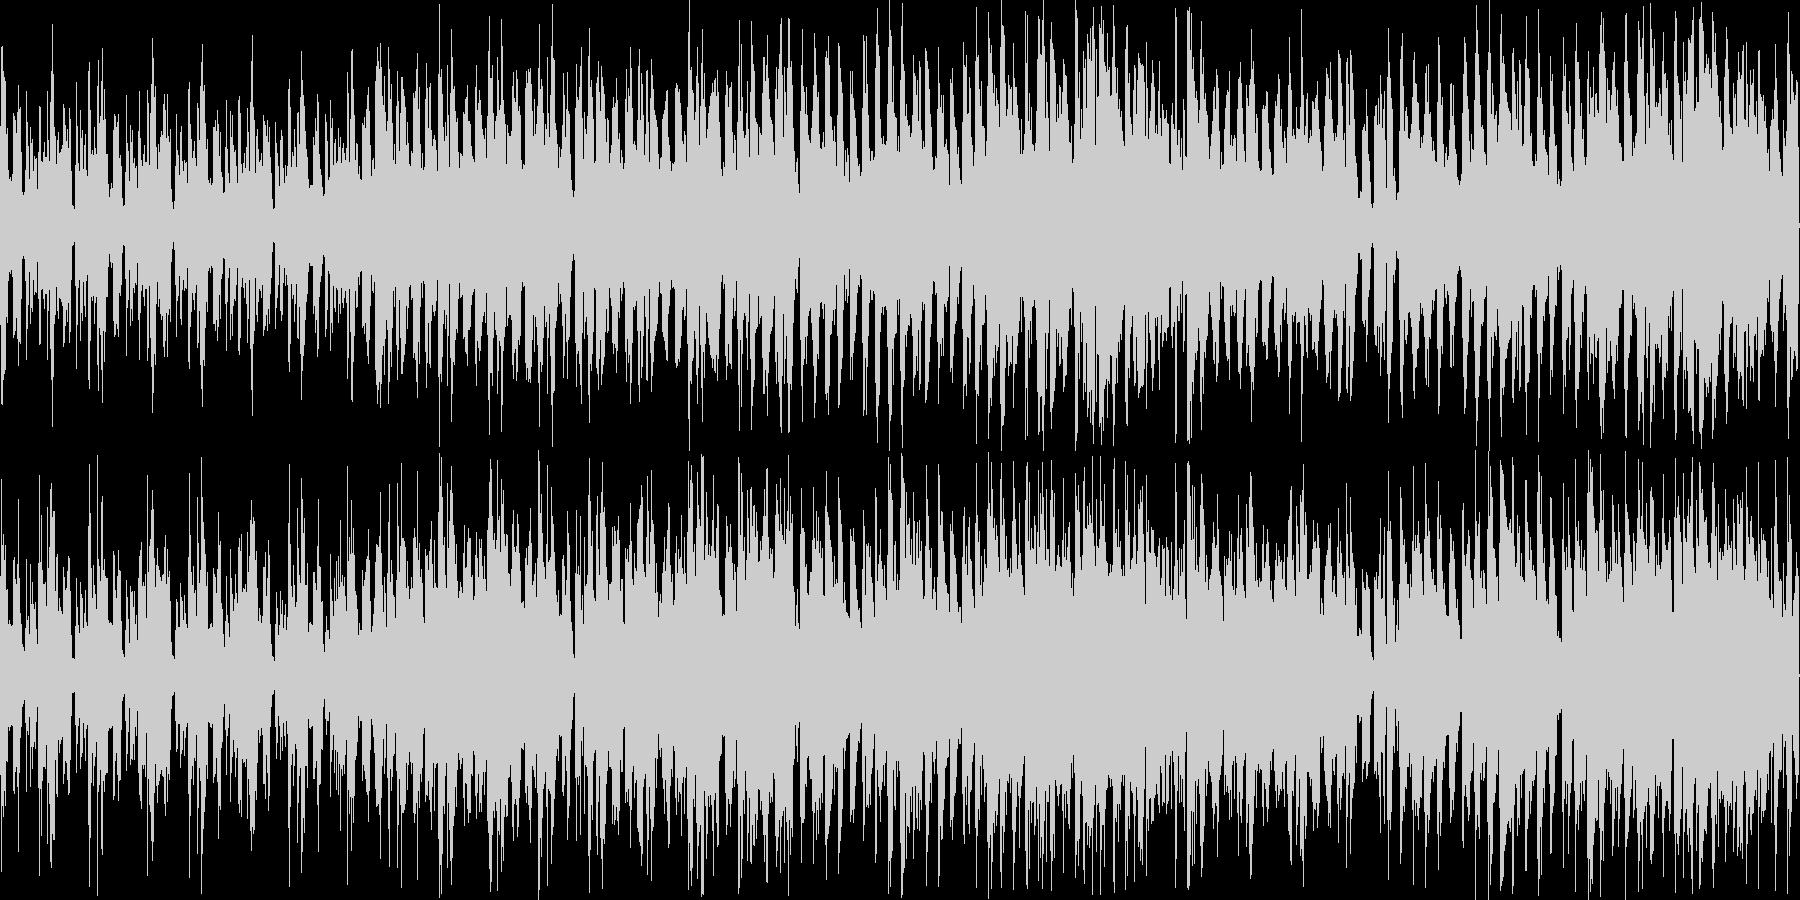 ゲームのボーナスステージやフィーバーモ…の未再生の波形